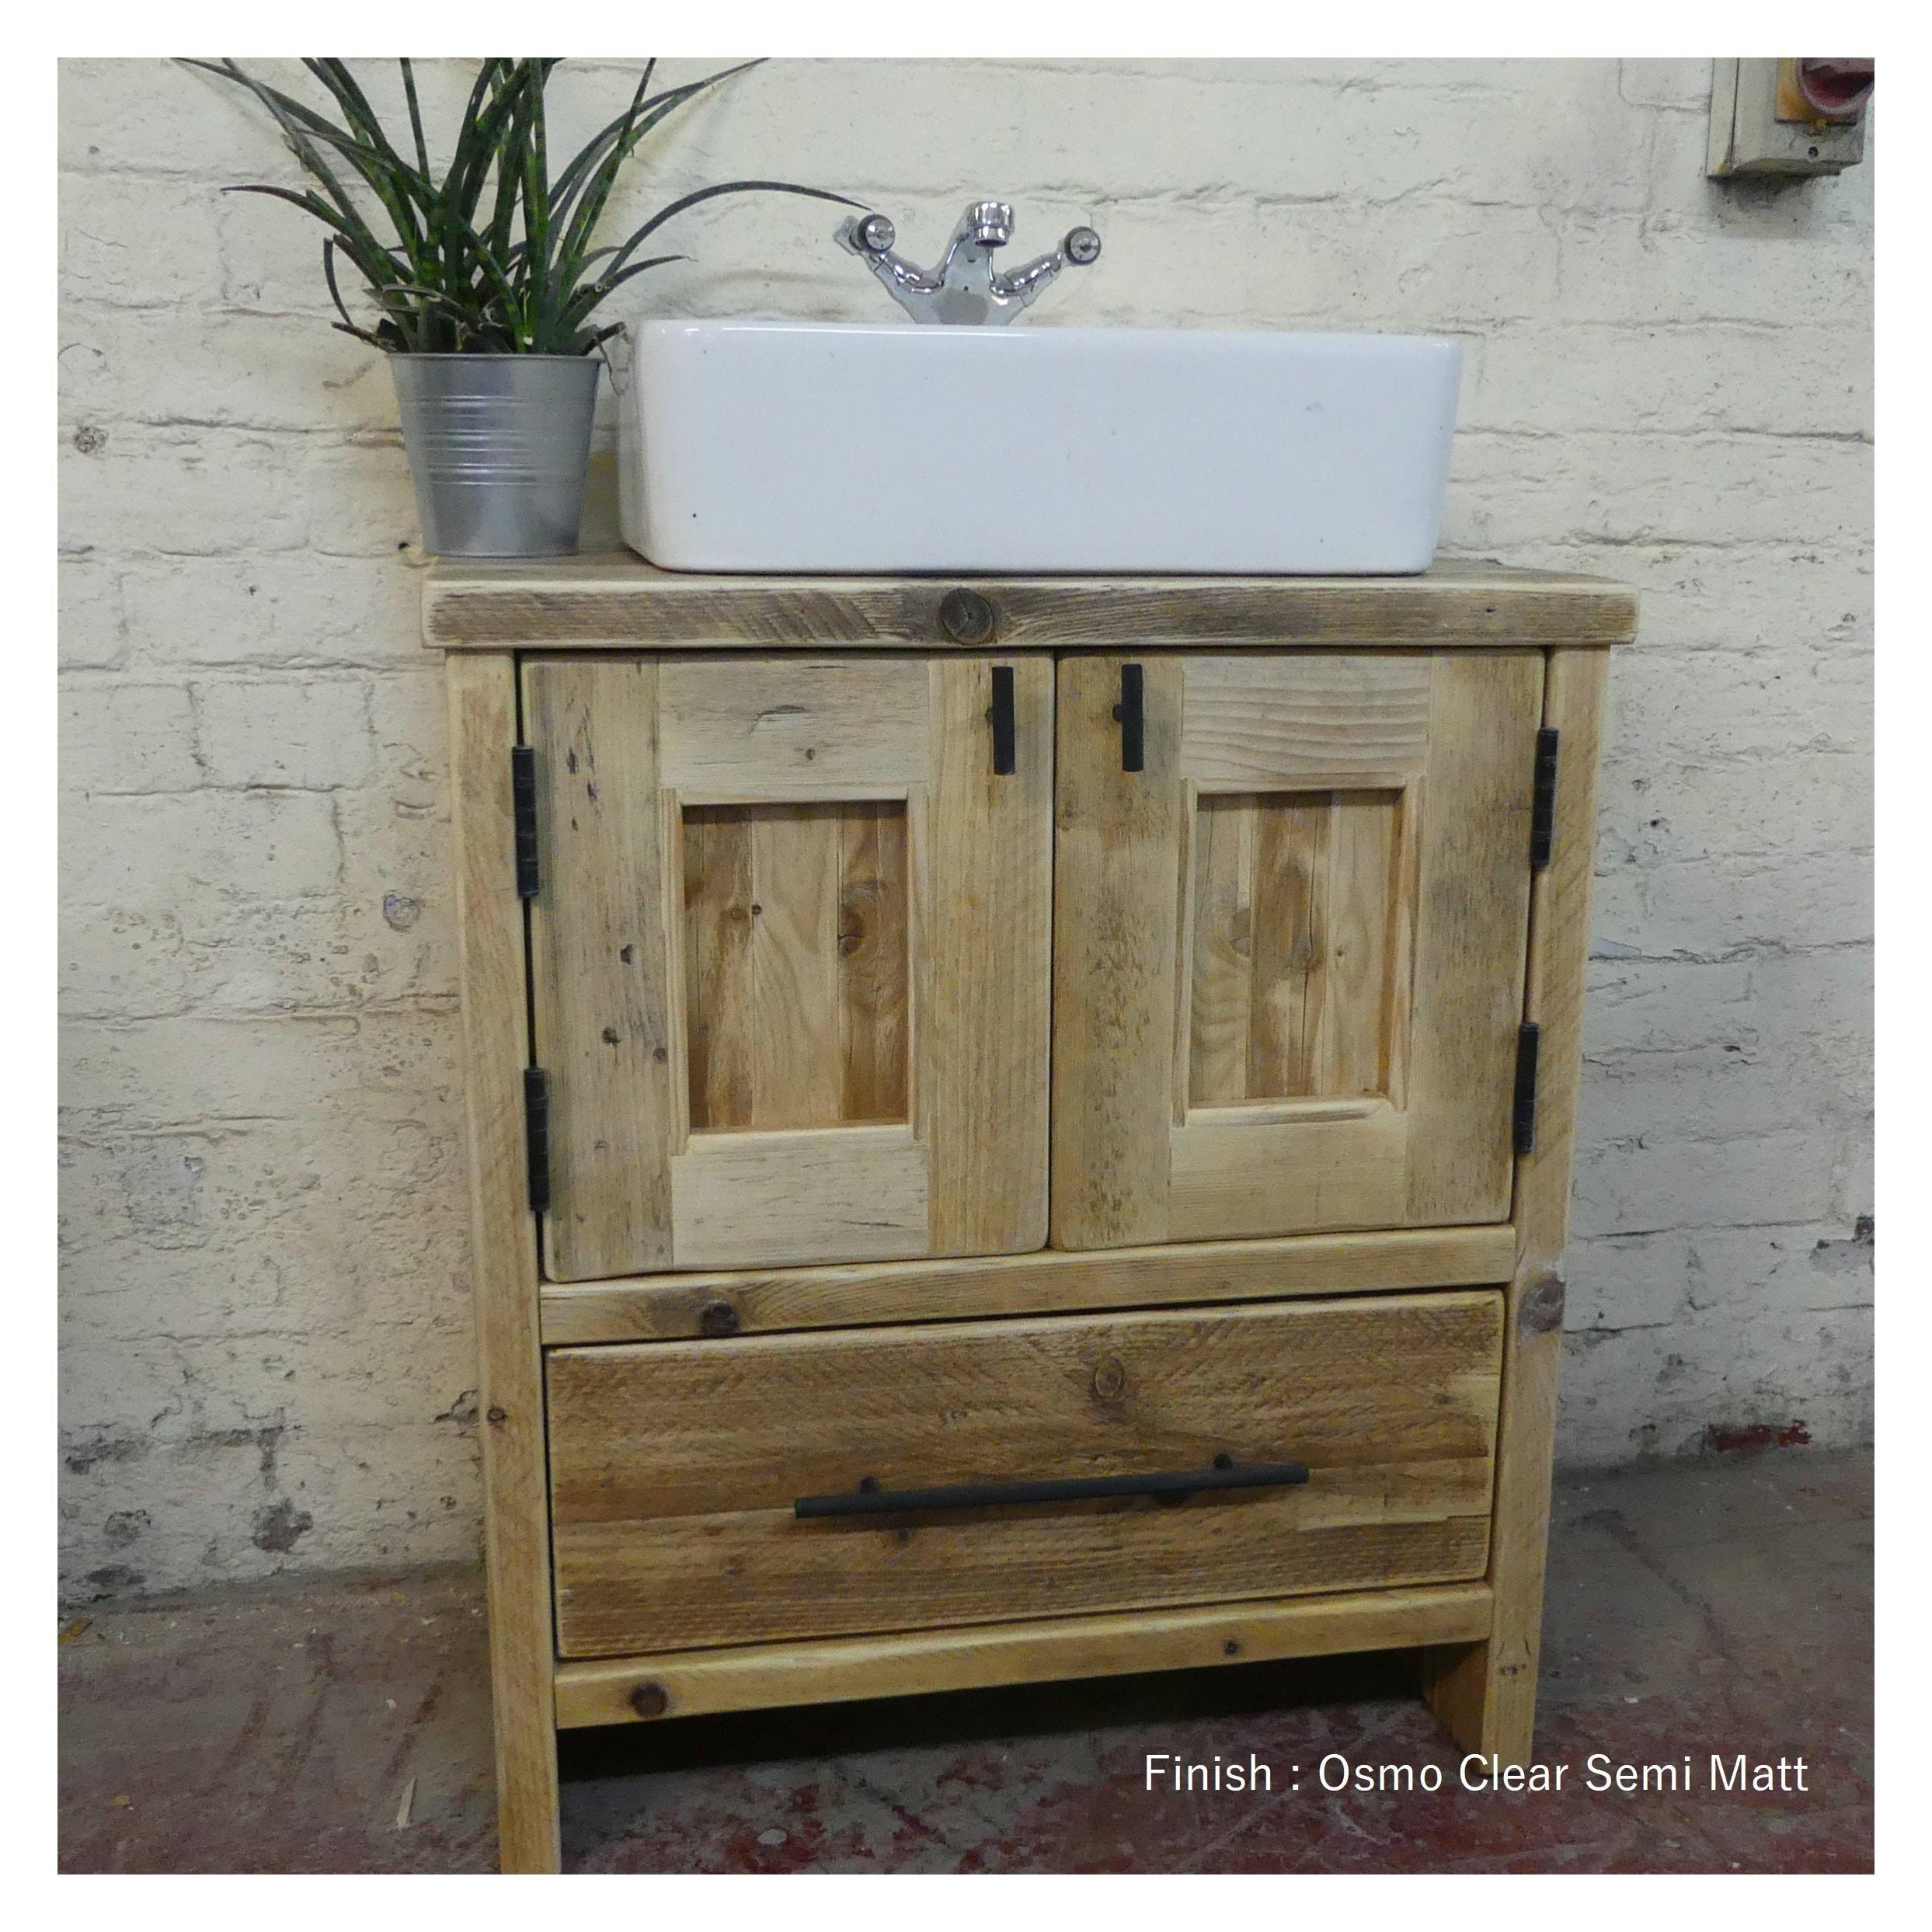 Hexham Reclaimed Bathroom Vanity Cabinet Wooden Vanity